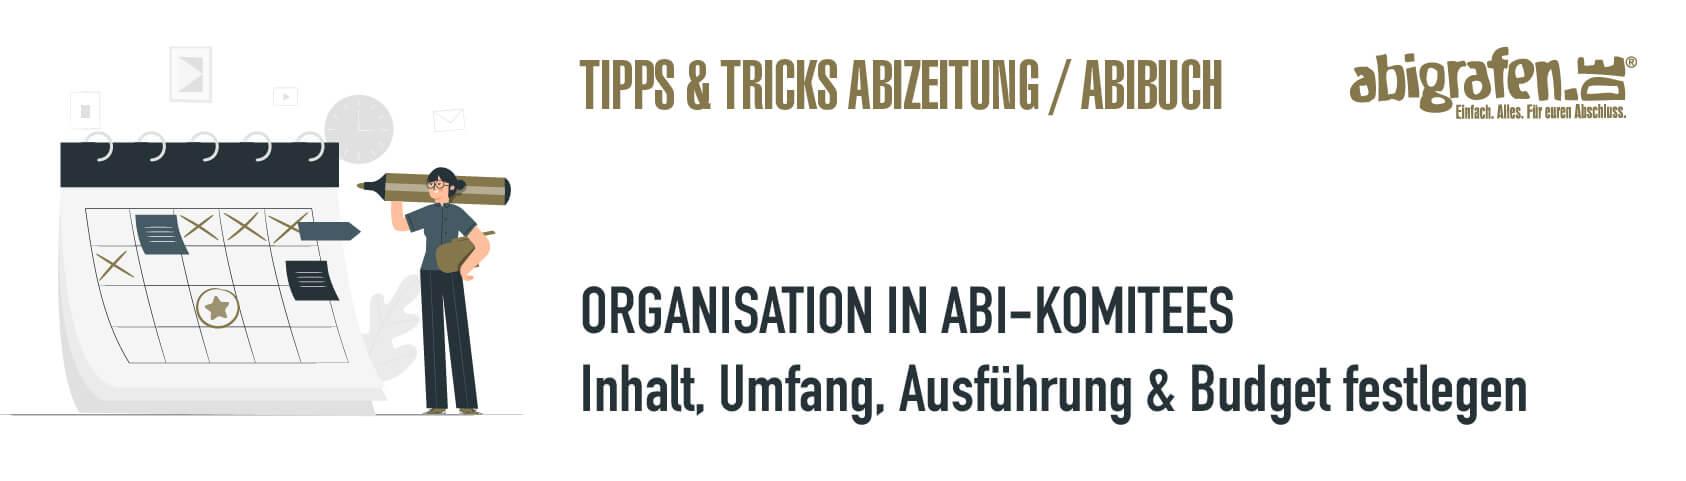 abigrafen-abizeitung-tipps-und-tricks-organisation-inhalt-budget